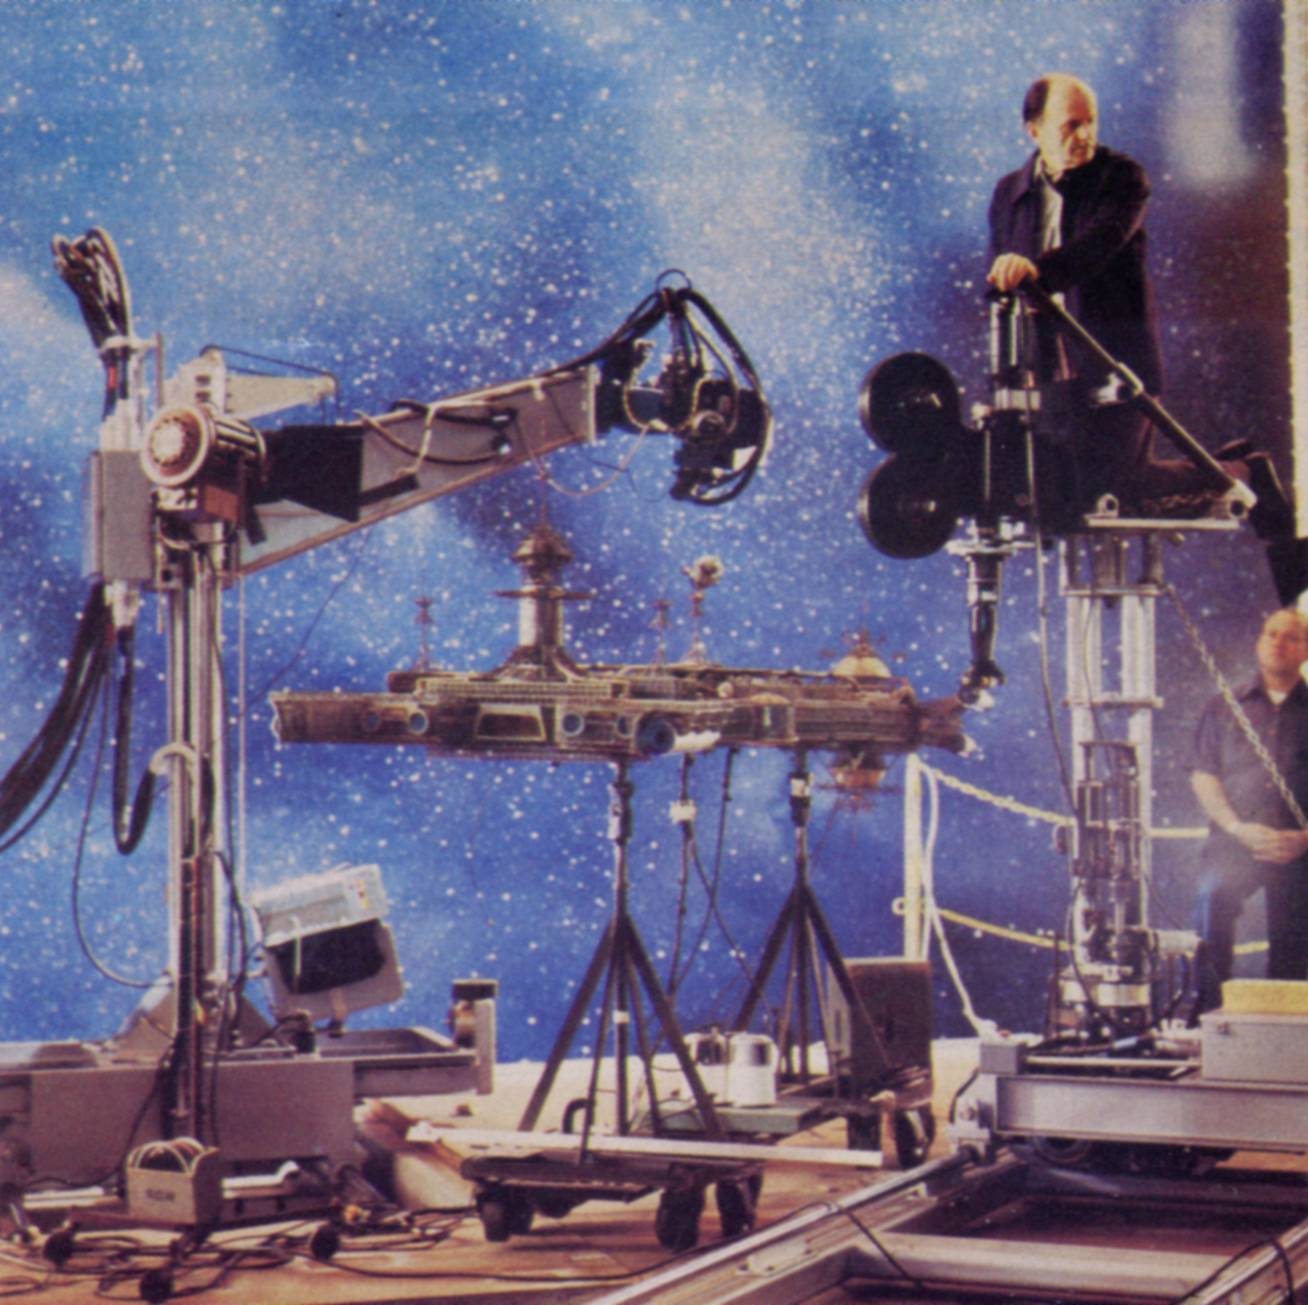 Sci Fi – Saturday Night Movie Sleepovers